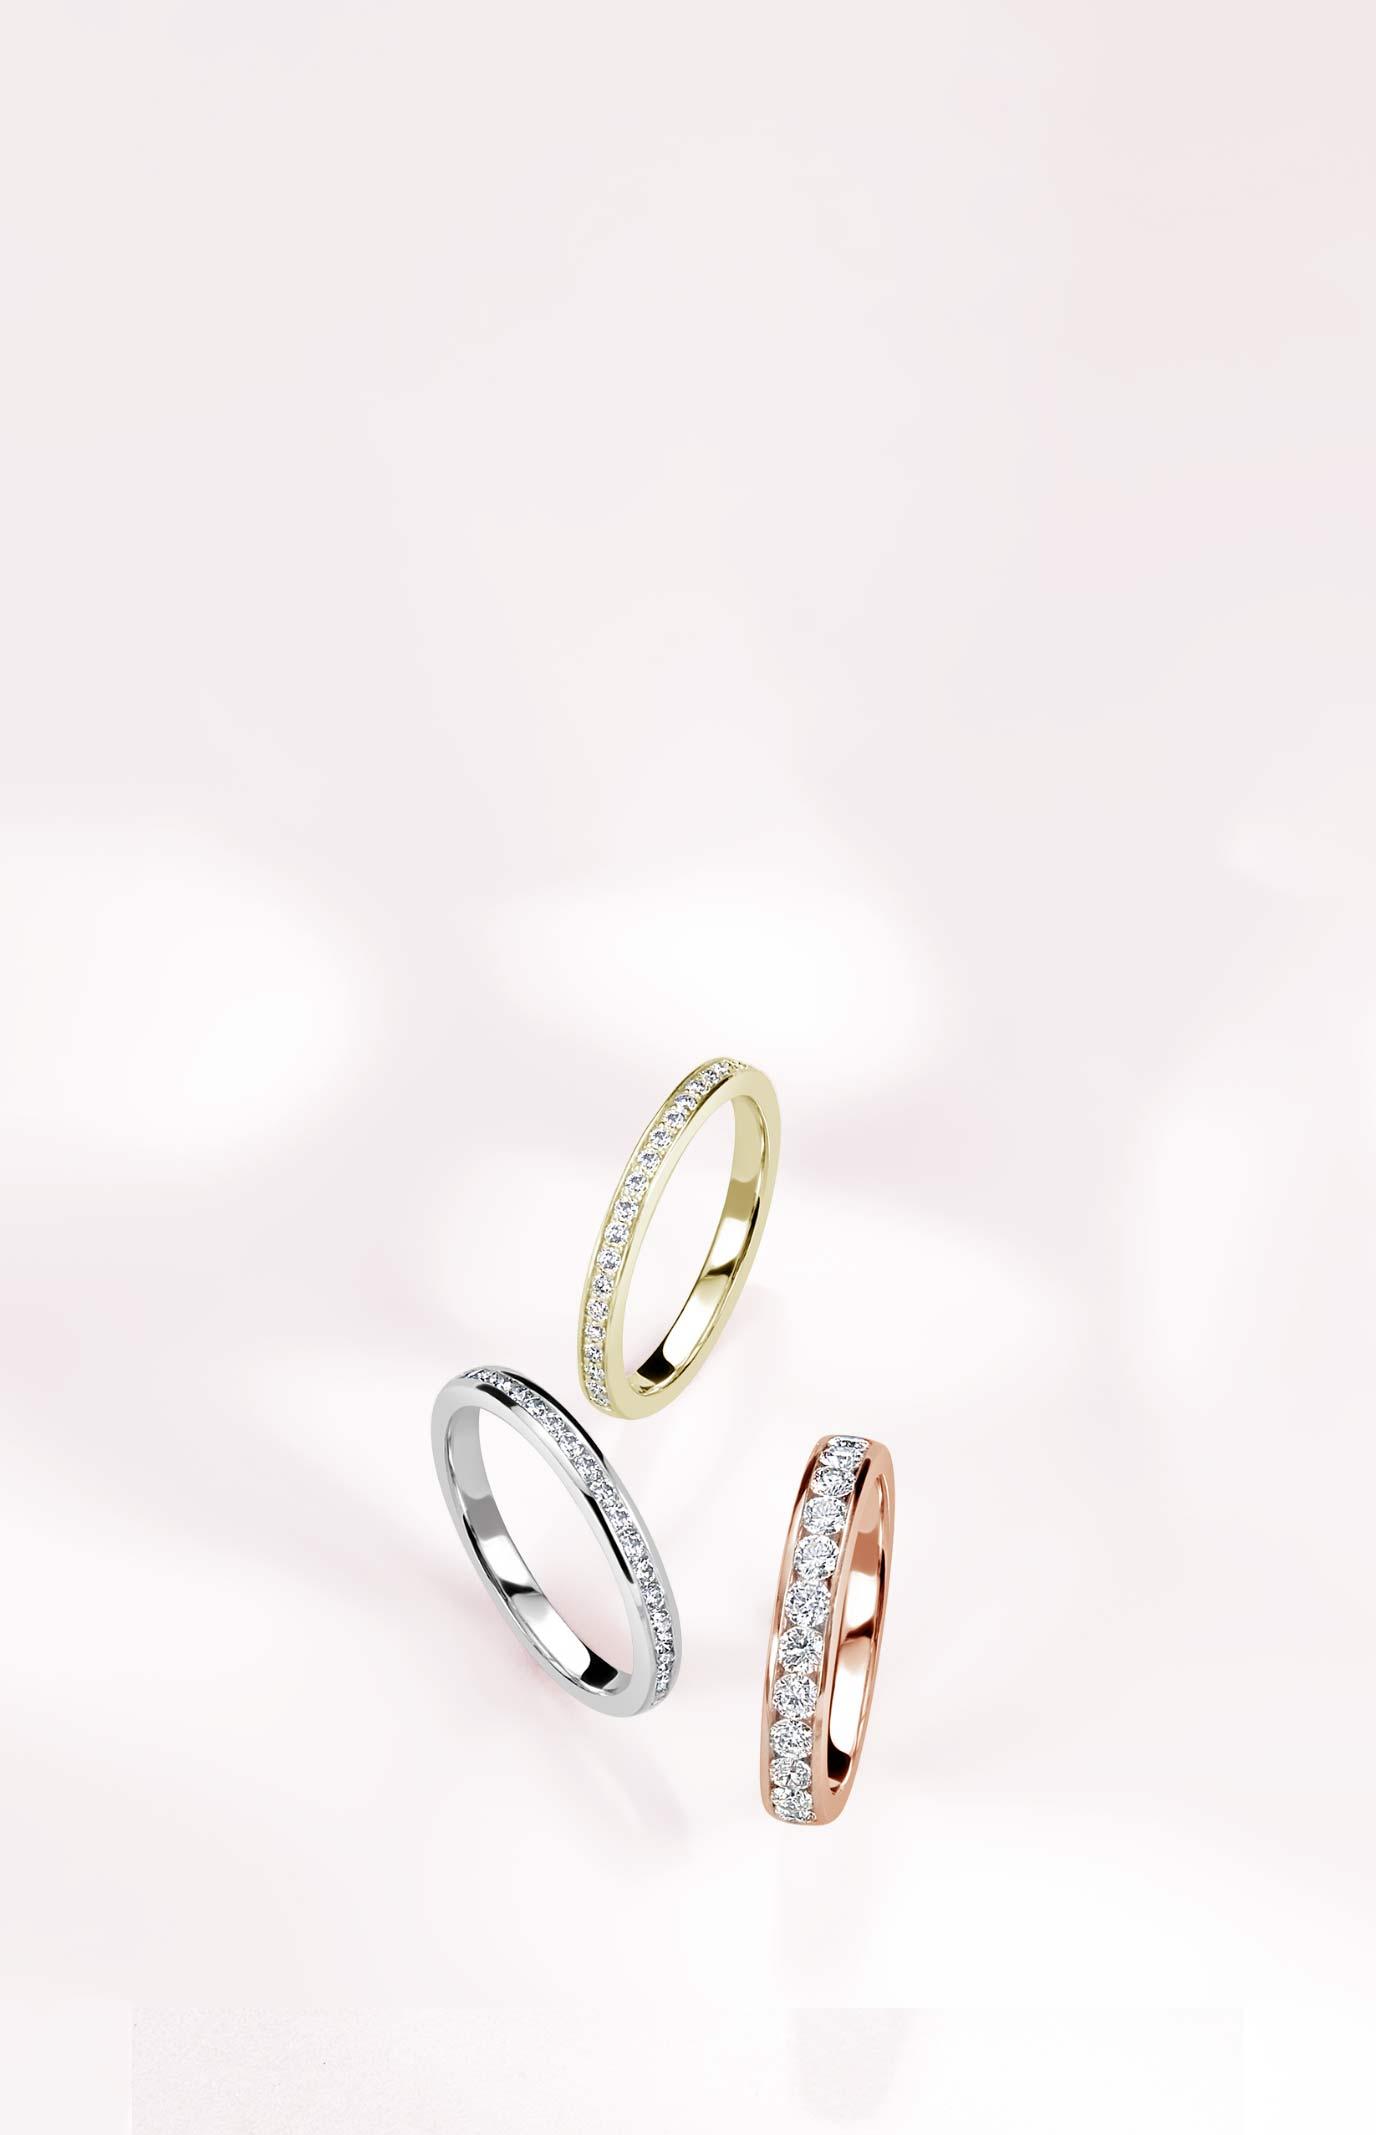 Diamond Wedding Rings - Steven Stone